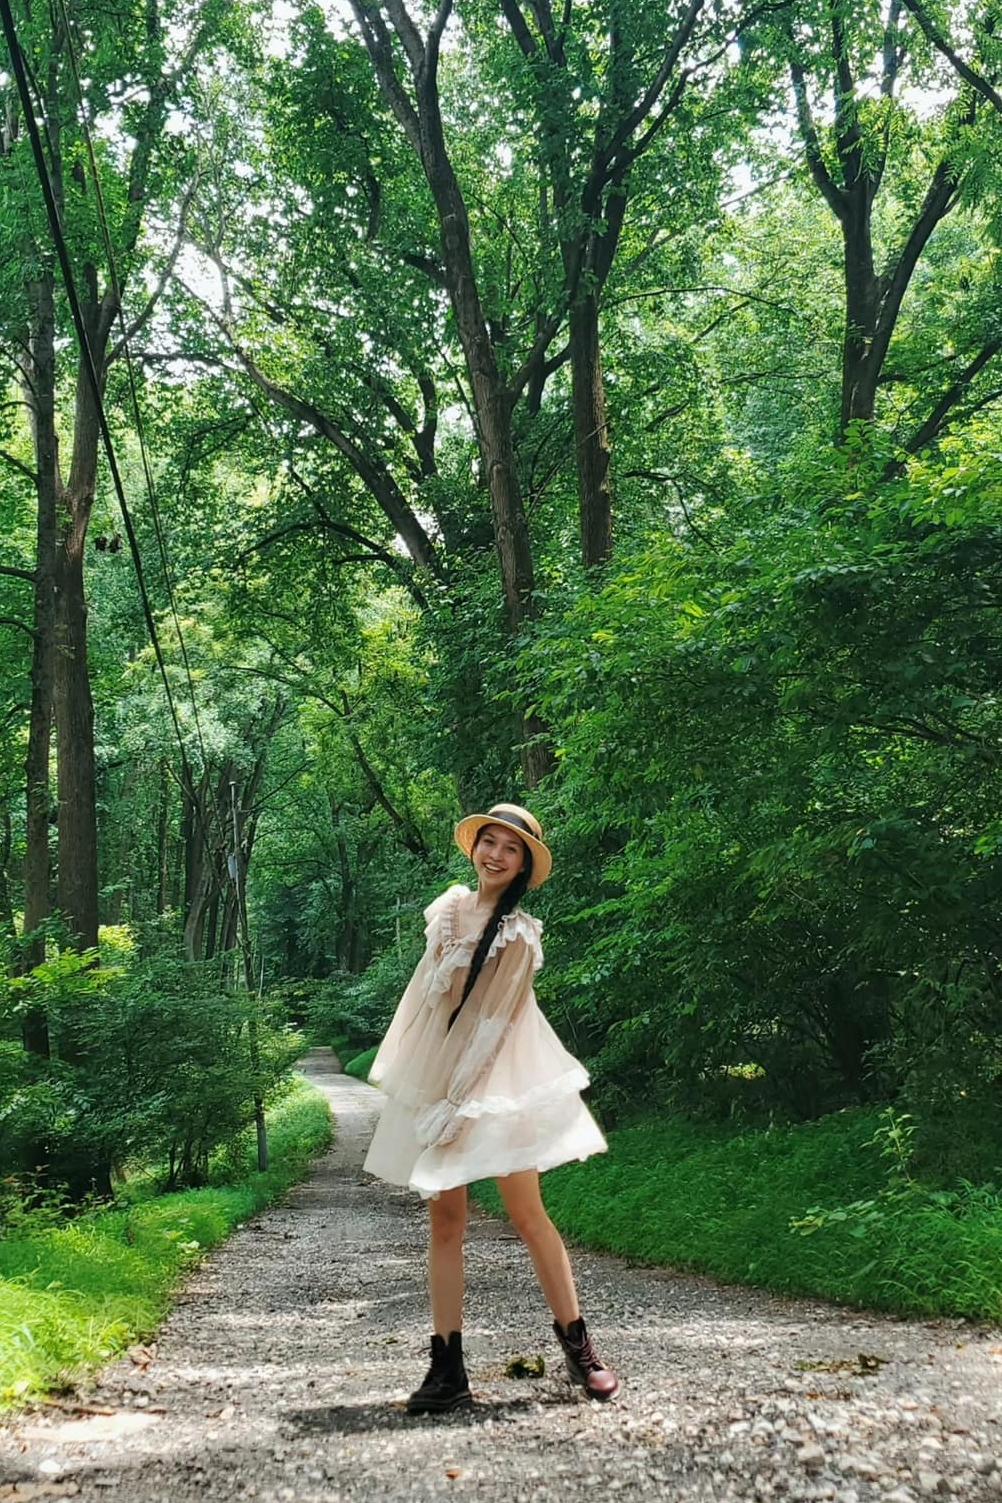 Là người yêu cái đẹp, Hiền Thục đắm mình trong khu rừng xanh mát, lãng mạn mà cô đặt chân đến.